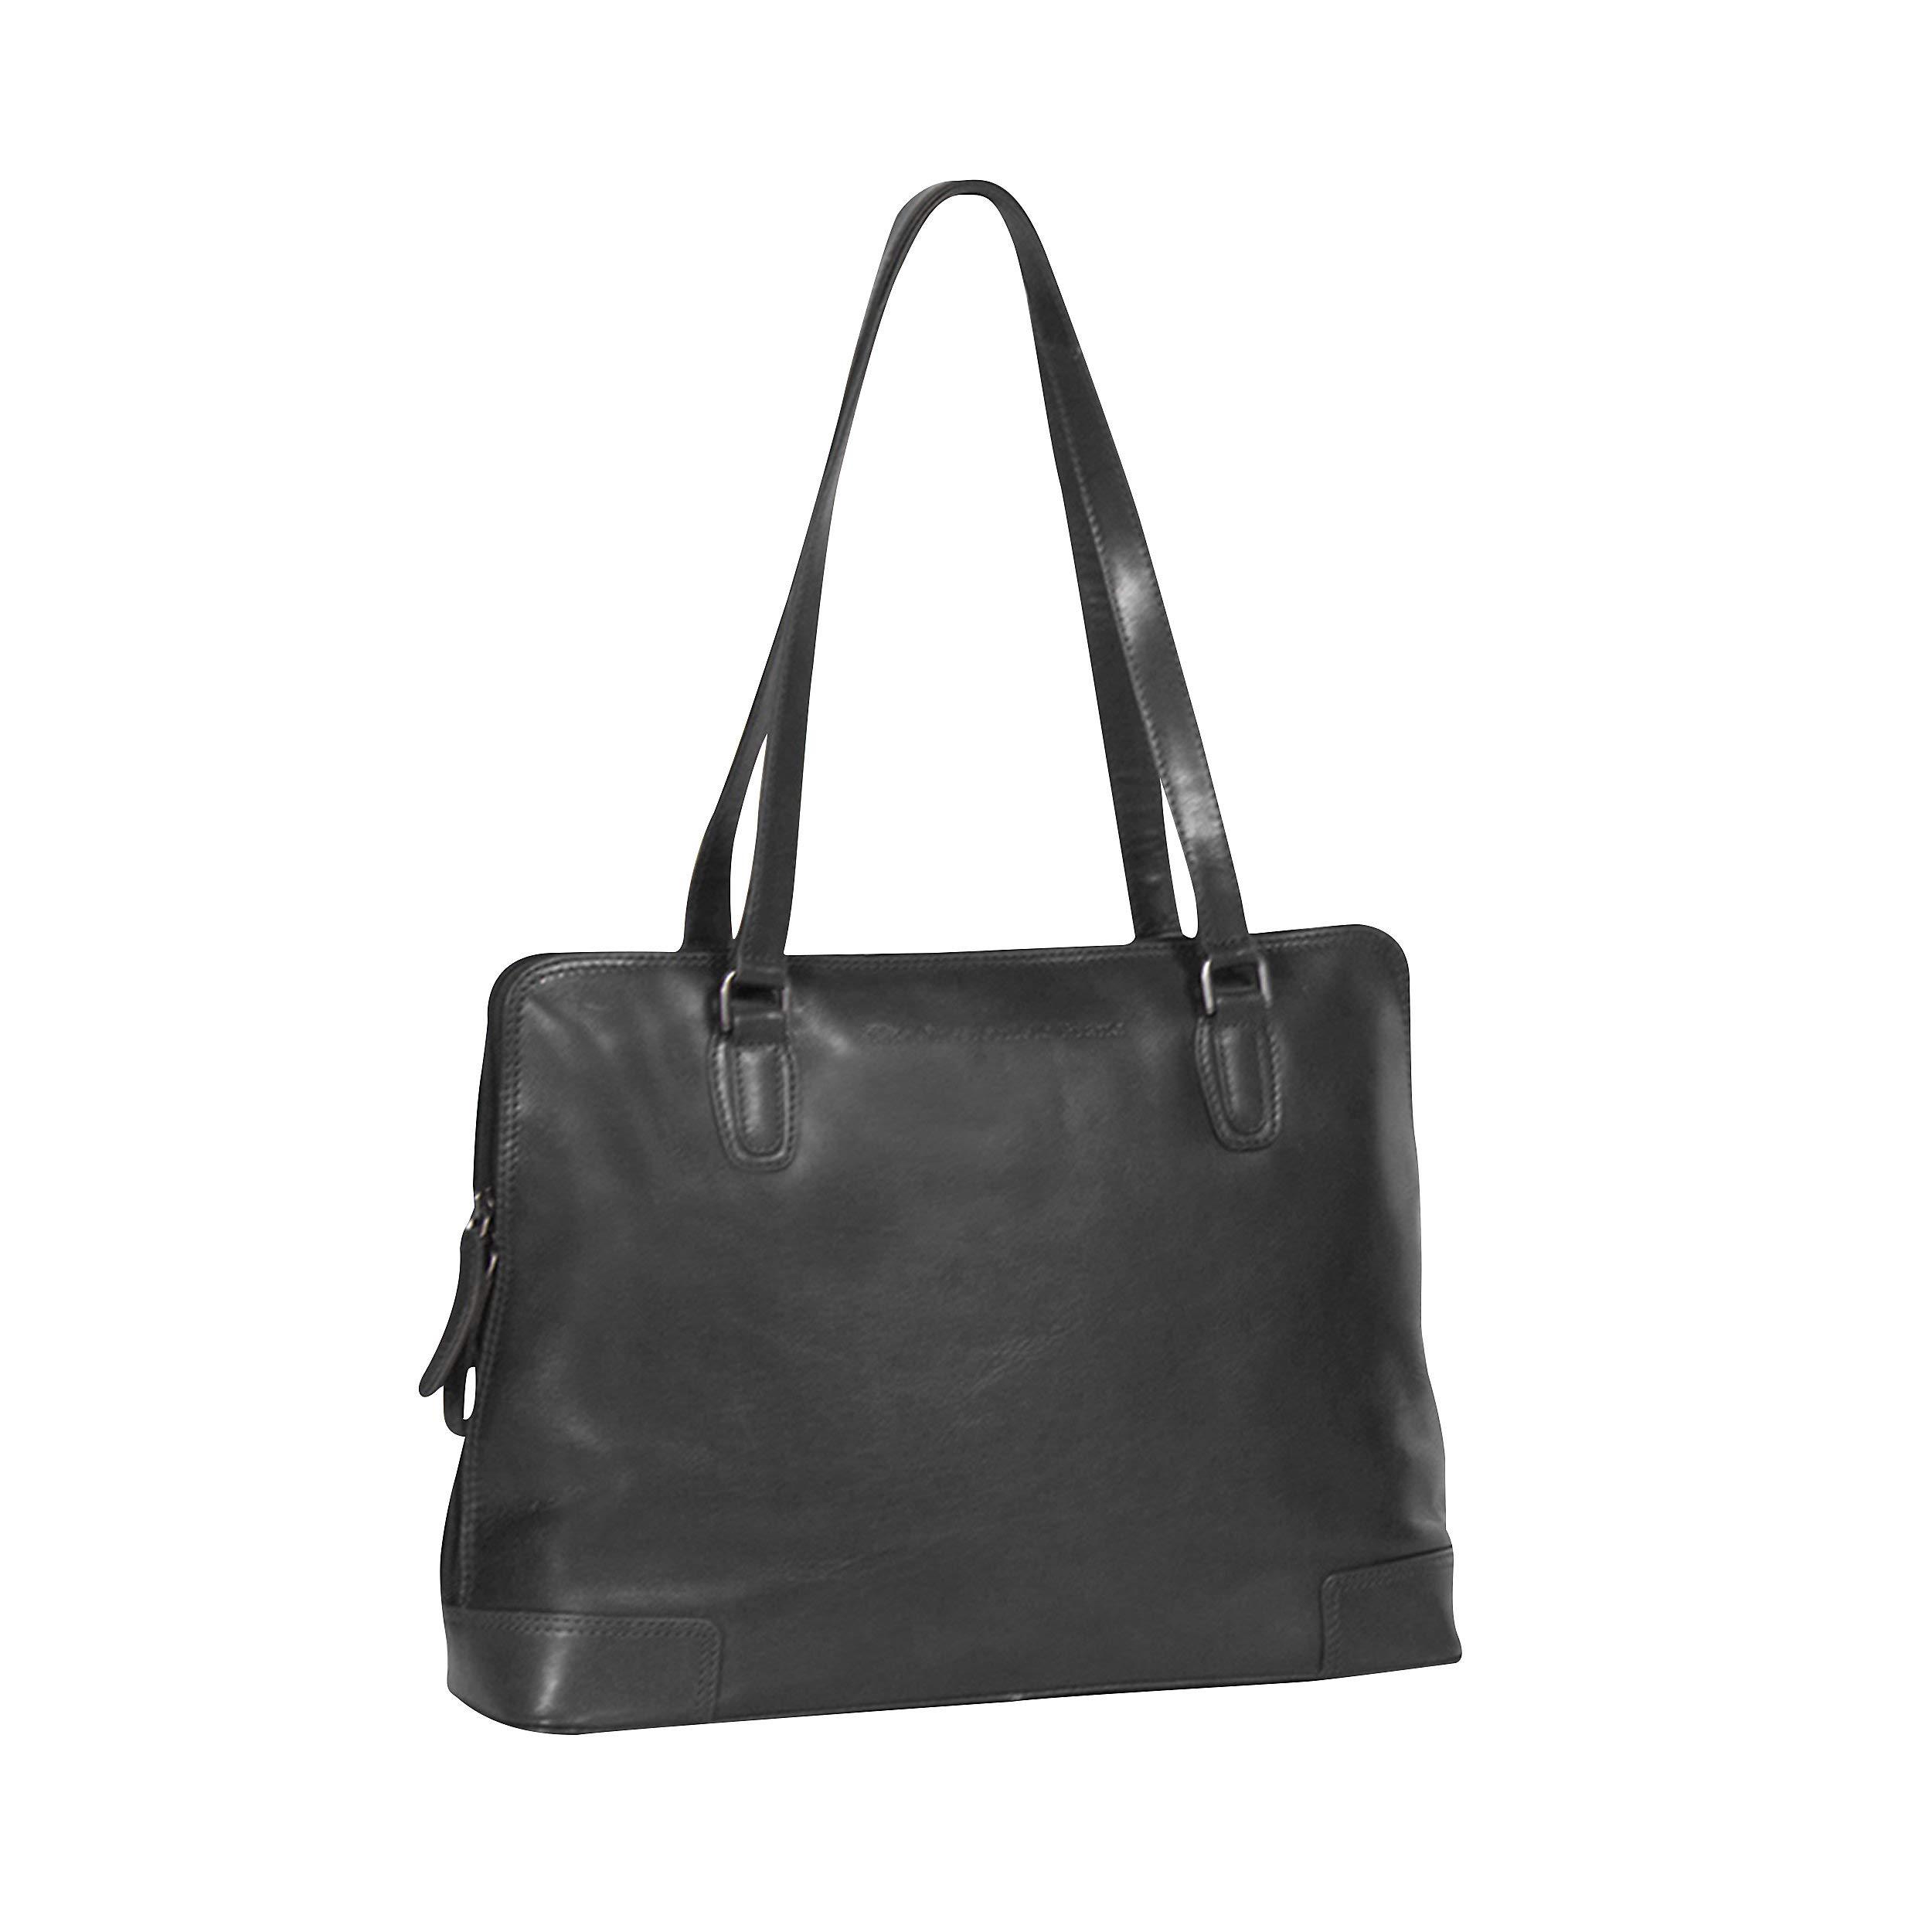 The Chesterfield Brand Handtaschen Taschen C48.0841 Schwarz ndsoK